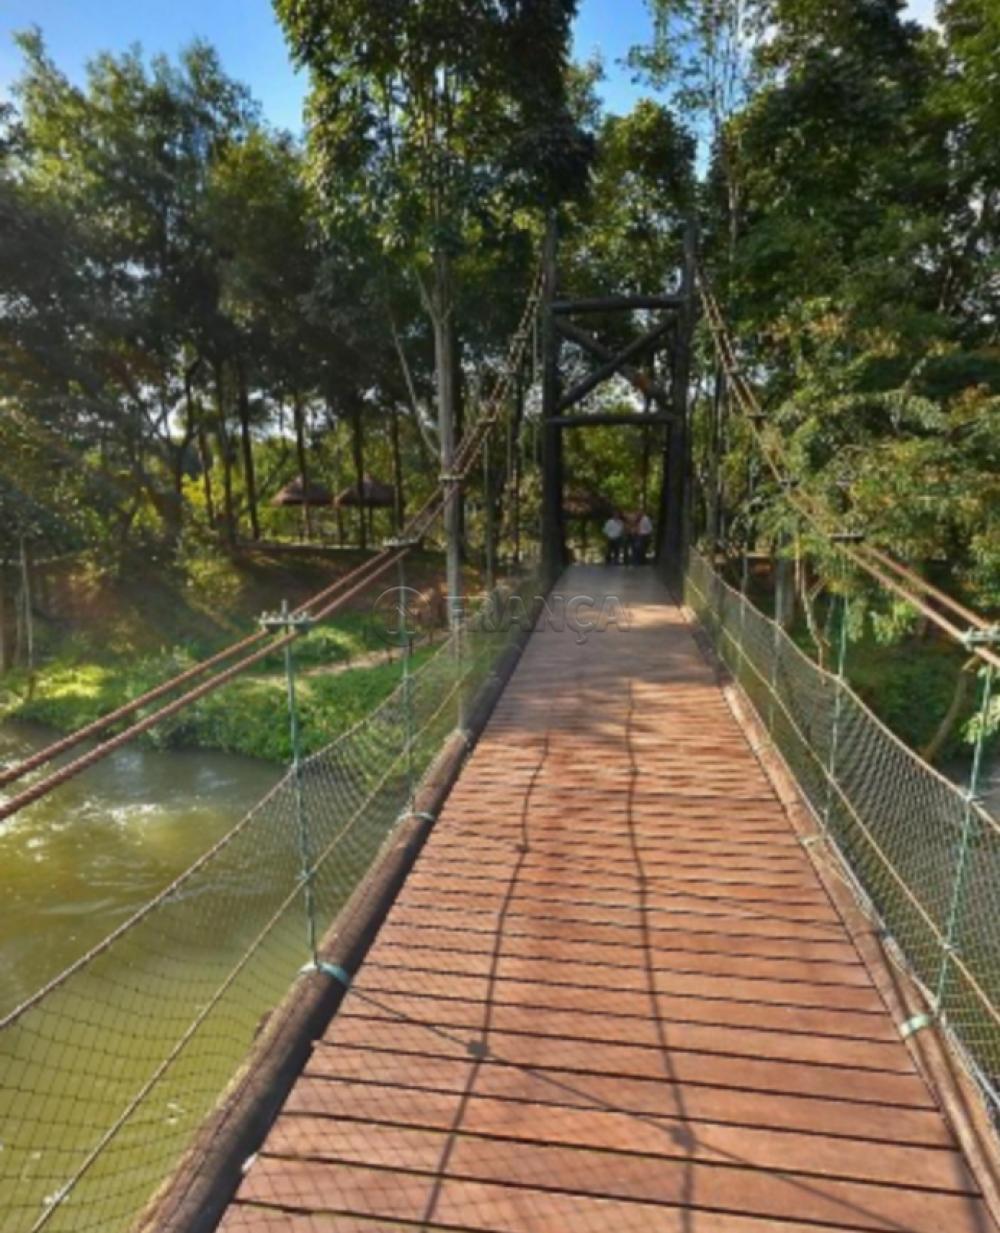 Comprar Terreno / Condomínio em Guararema apenas R$ 186.537,12 - Foto 25